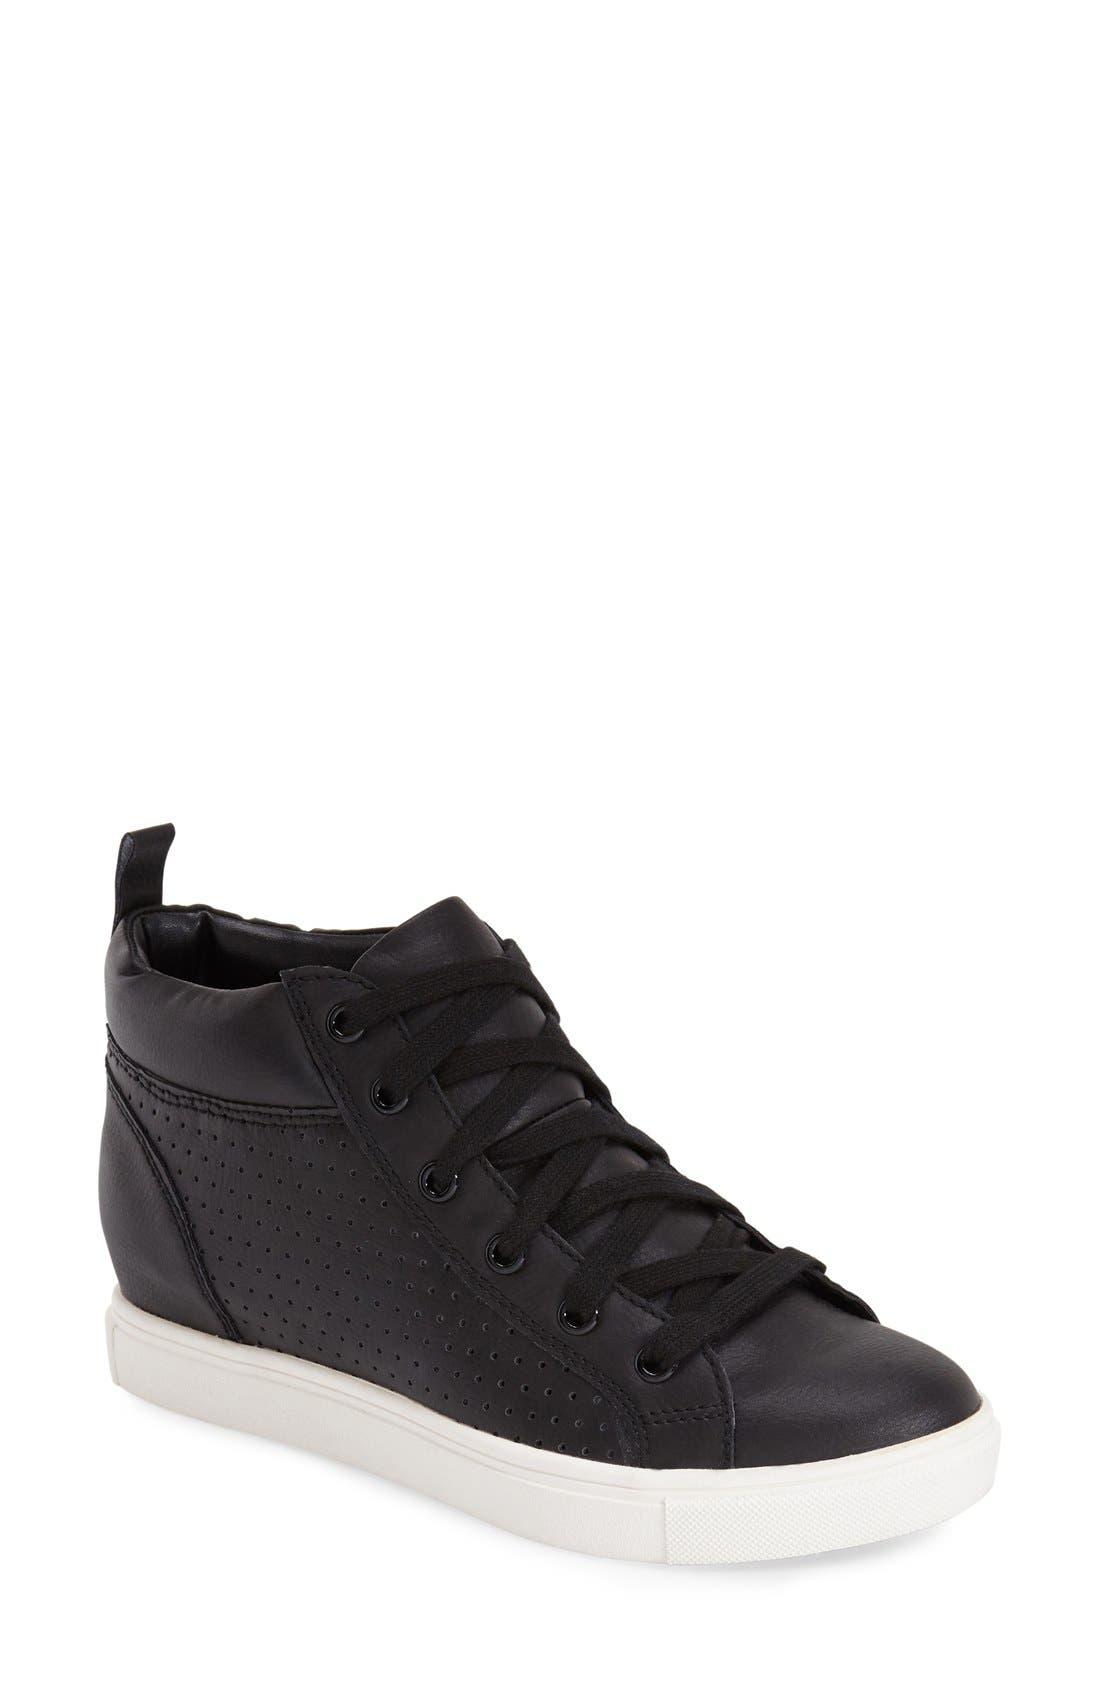 'Latte' Hidden Wedge Sneaker, Main, color, 005